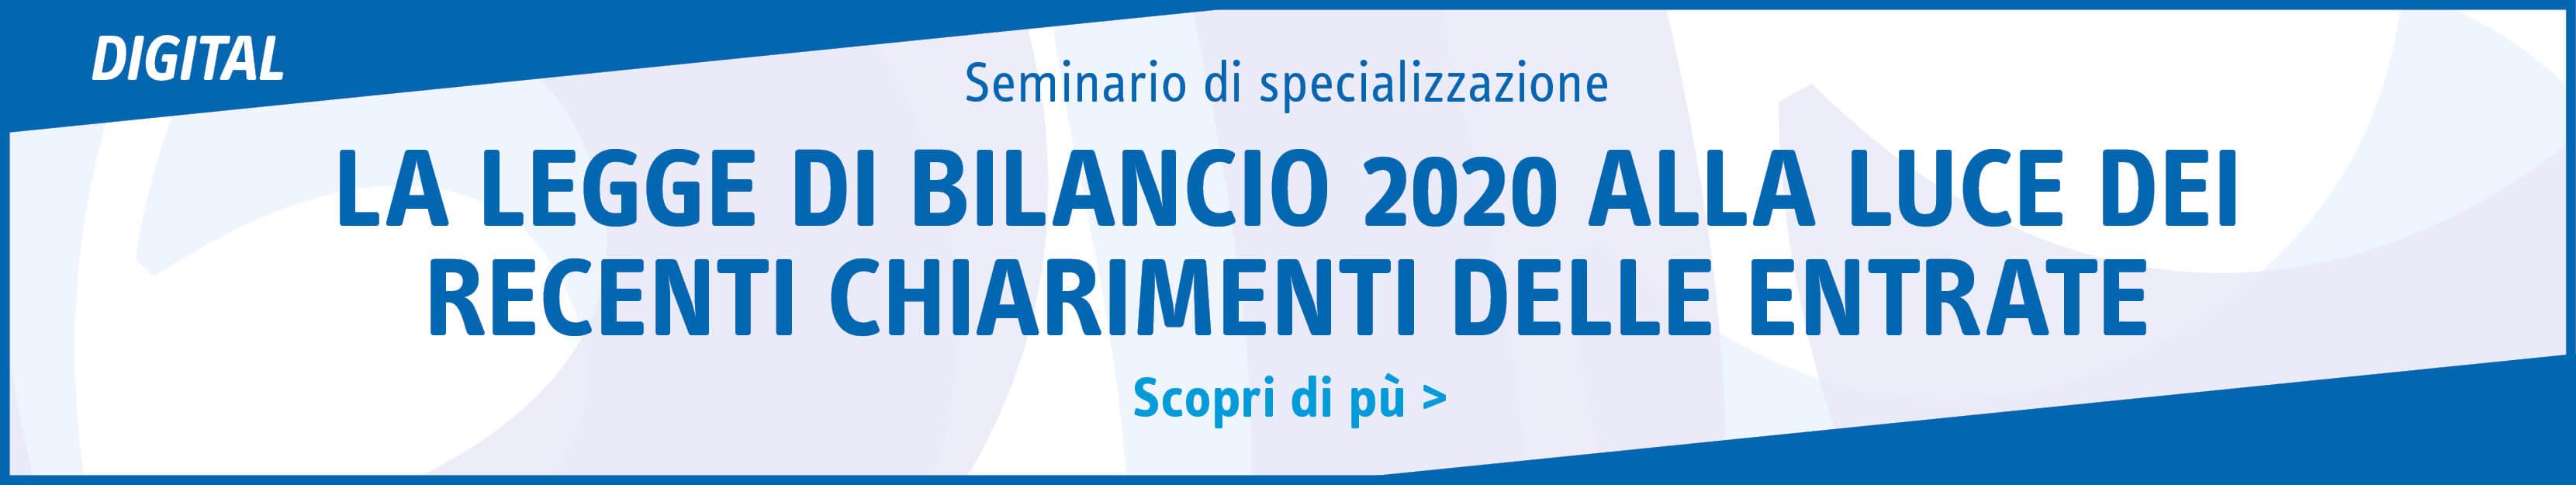 La legge di bilancio 2020 alla luce dei recenti chiarimenti delle entrate